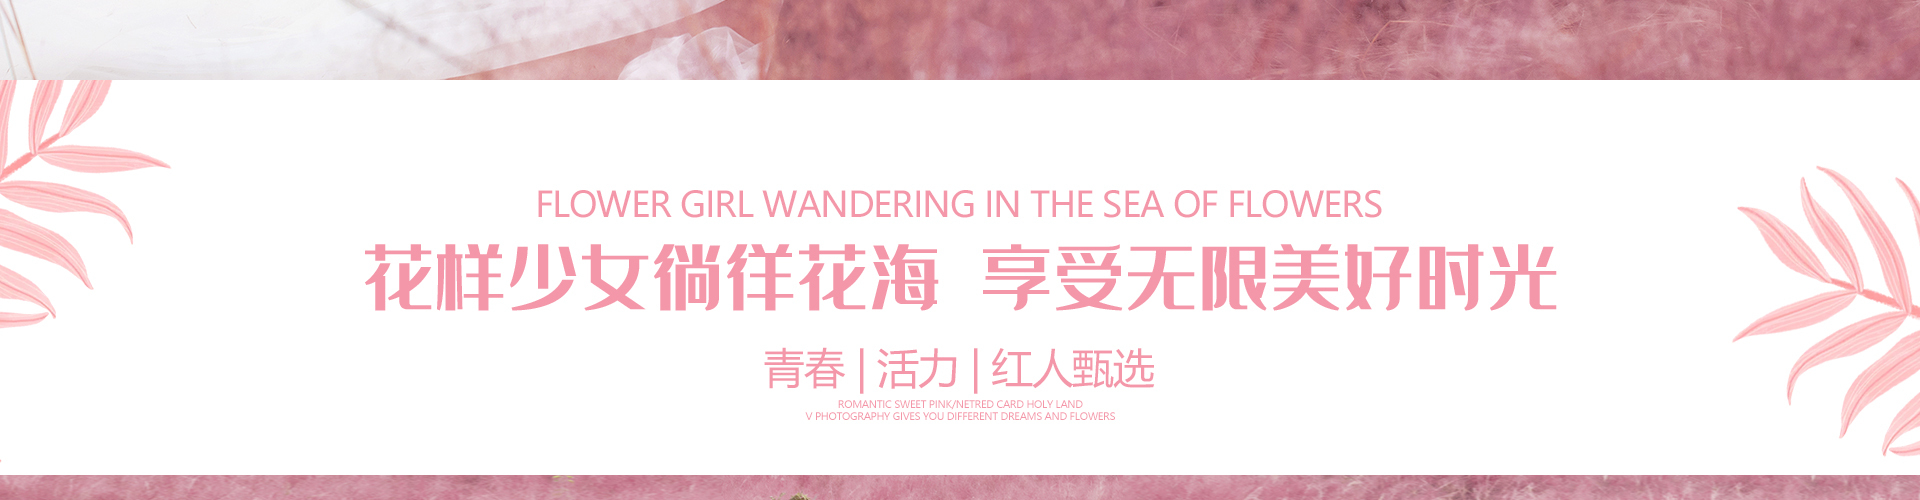 《网红花海》